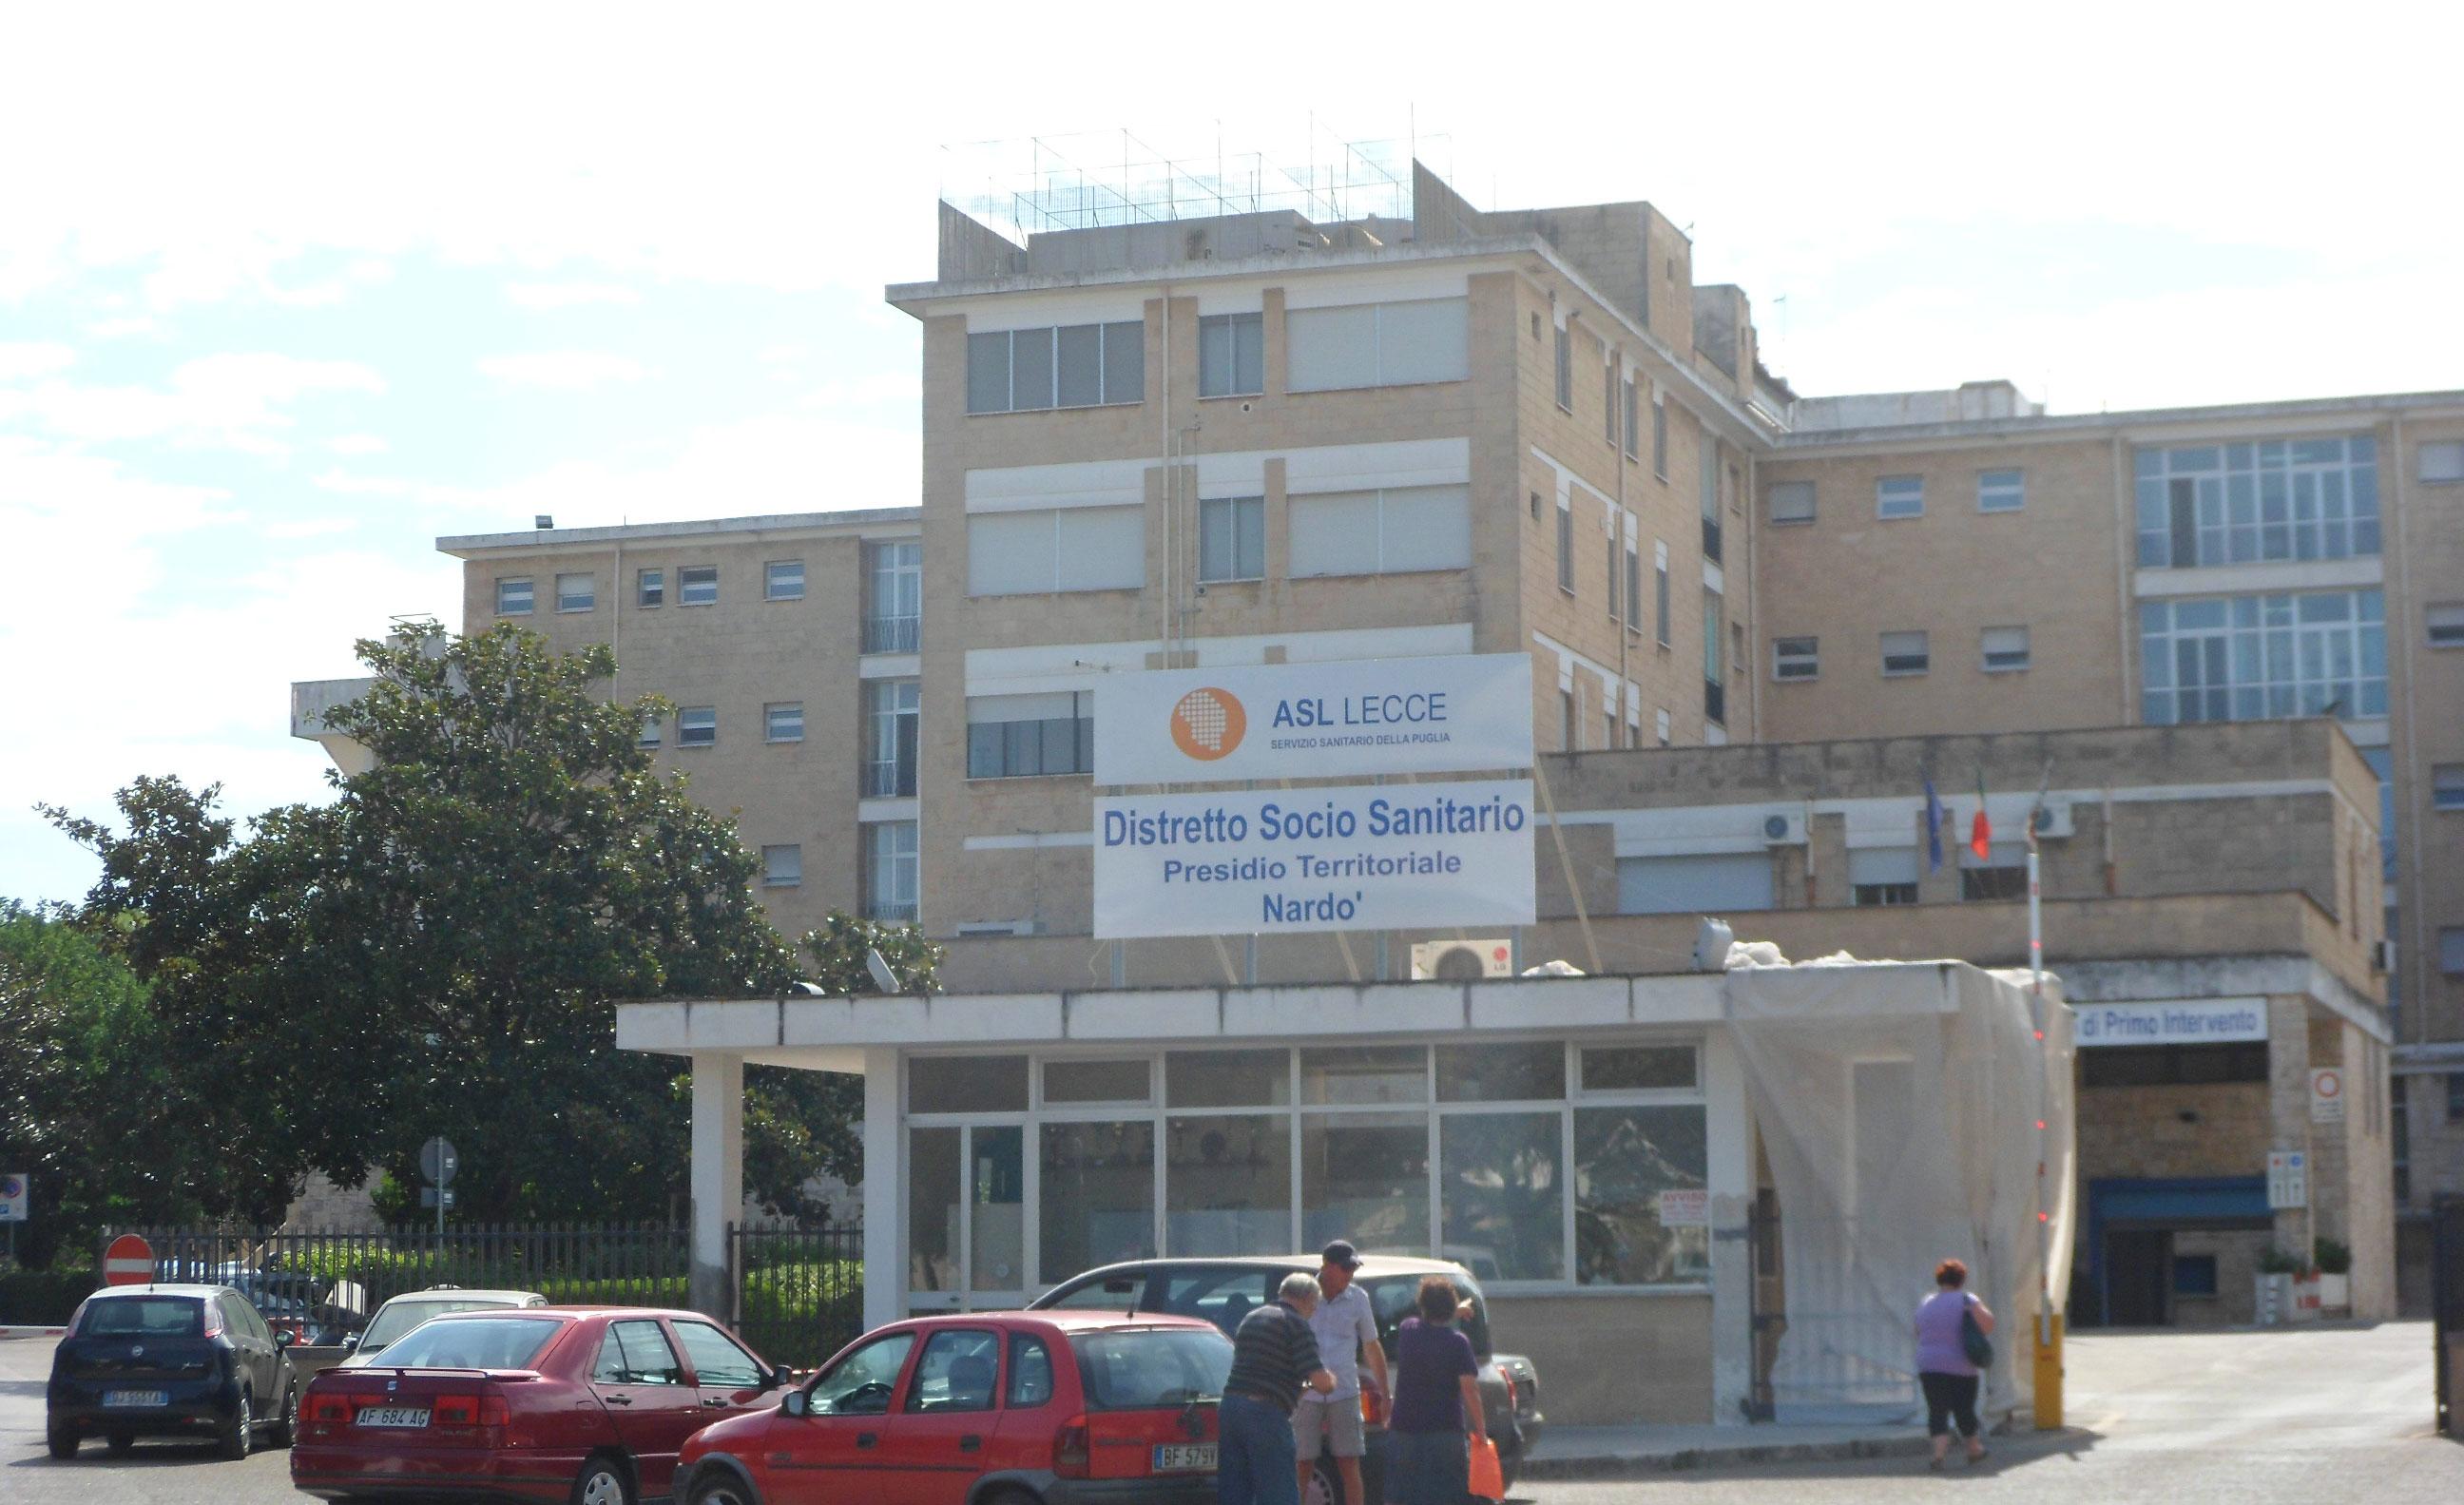 ospedale-nardO-51